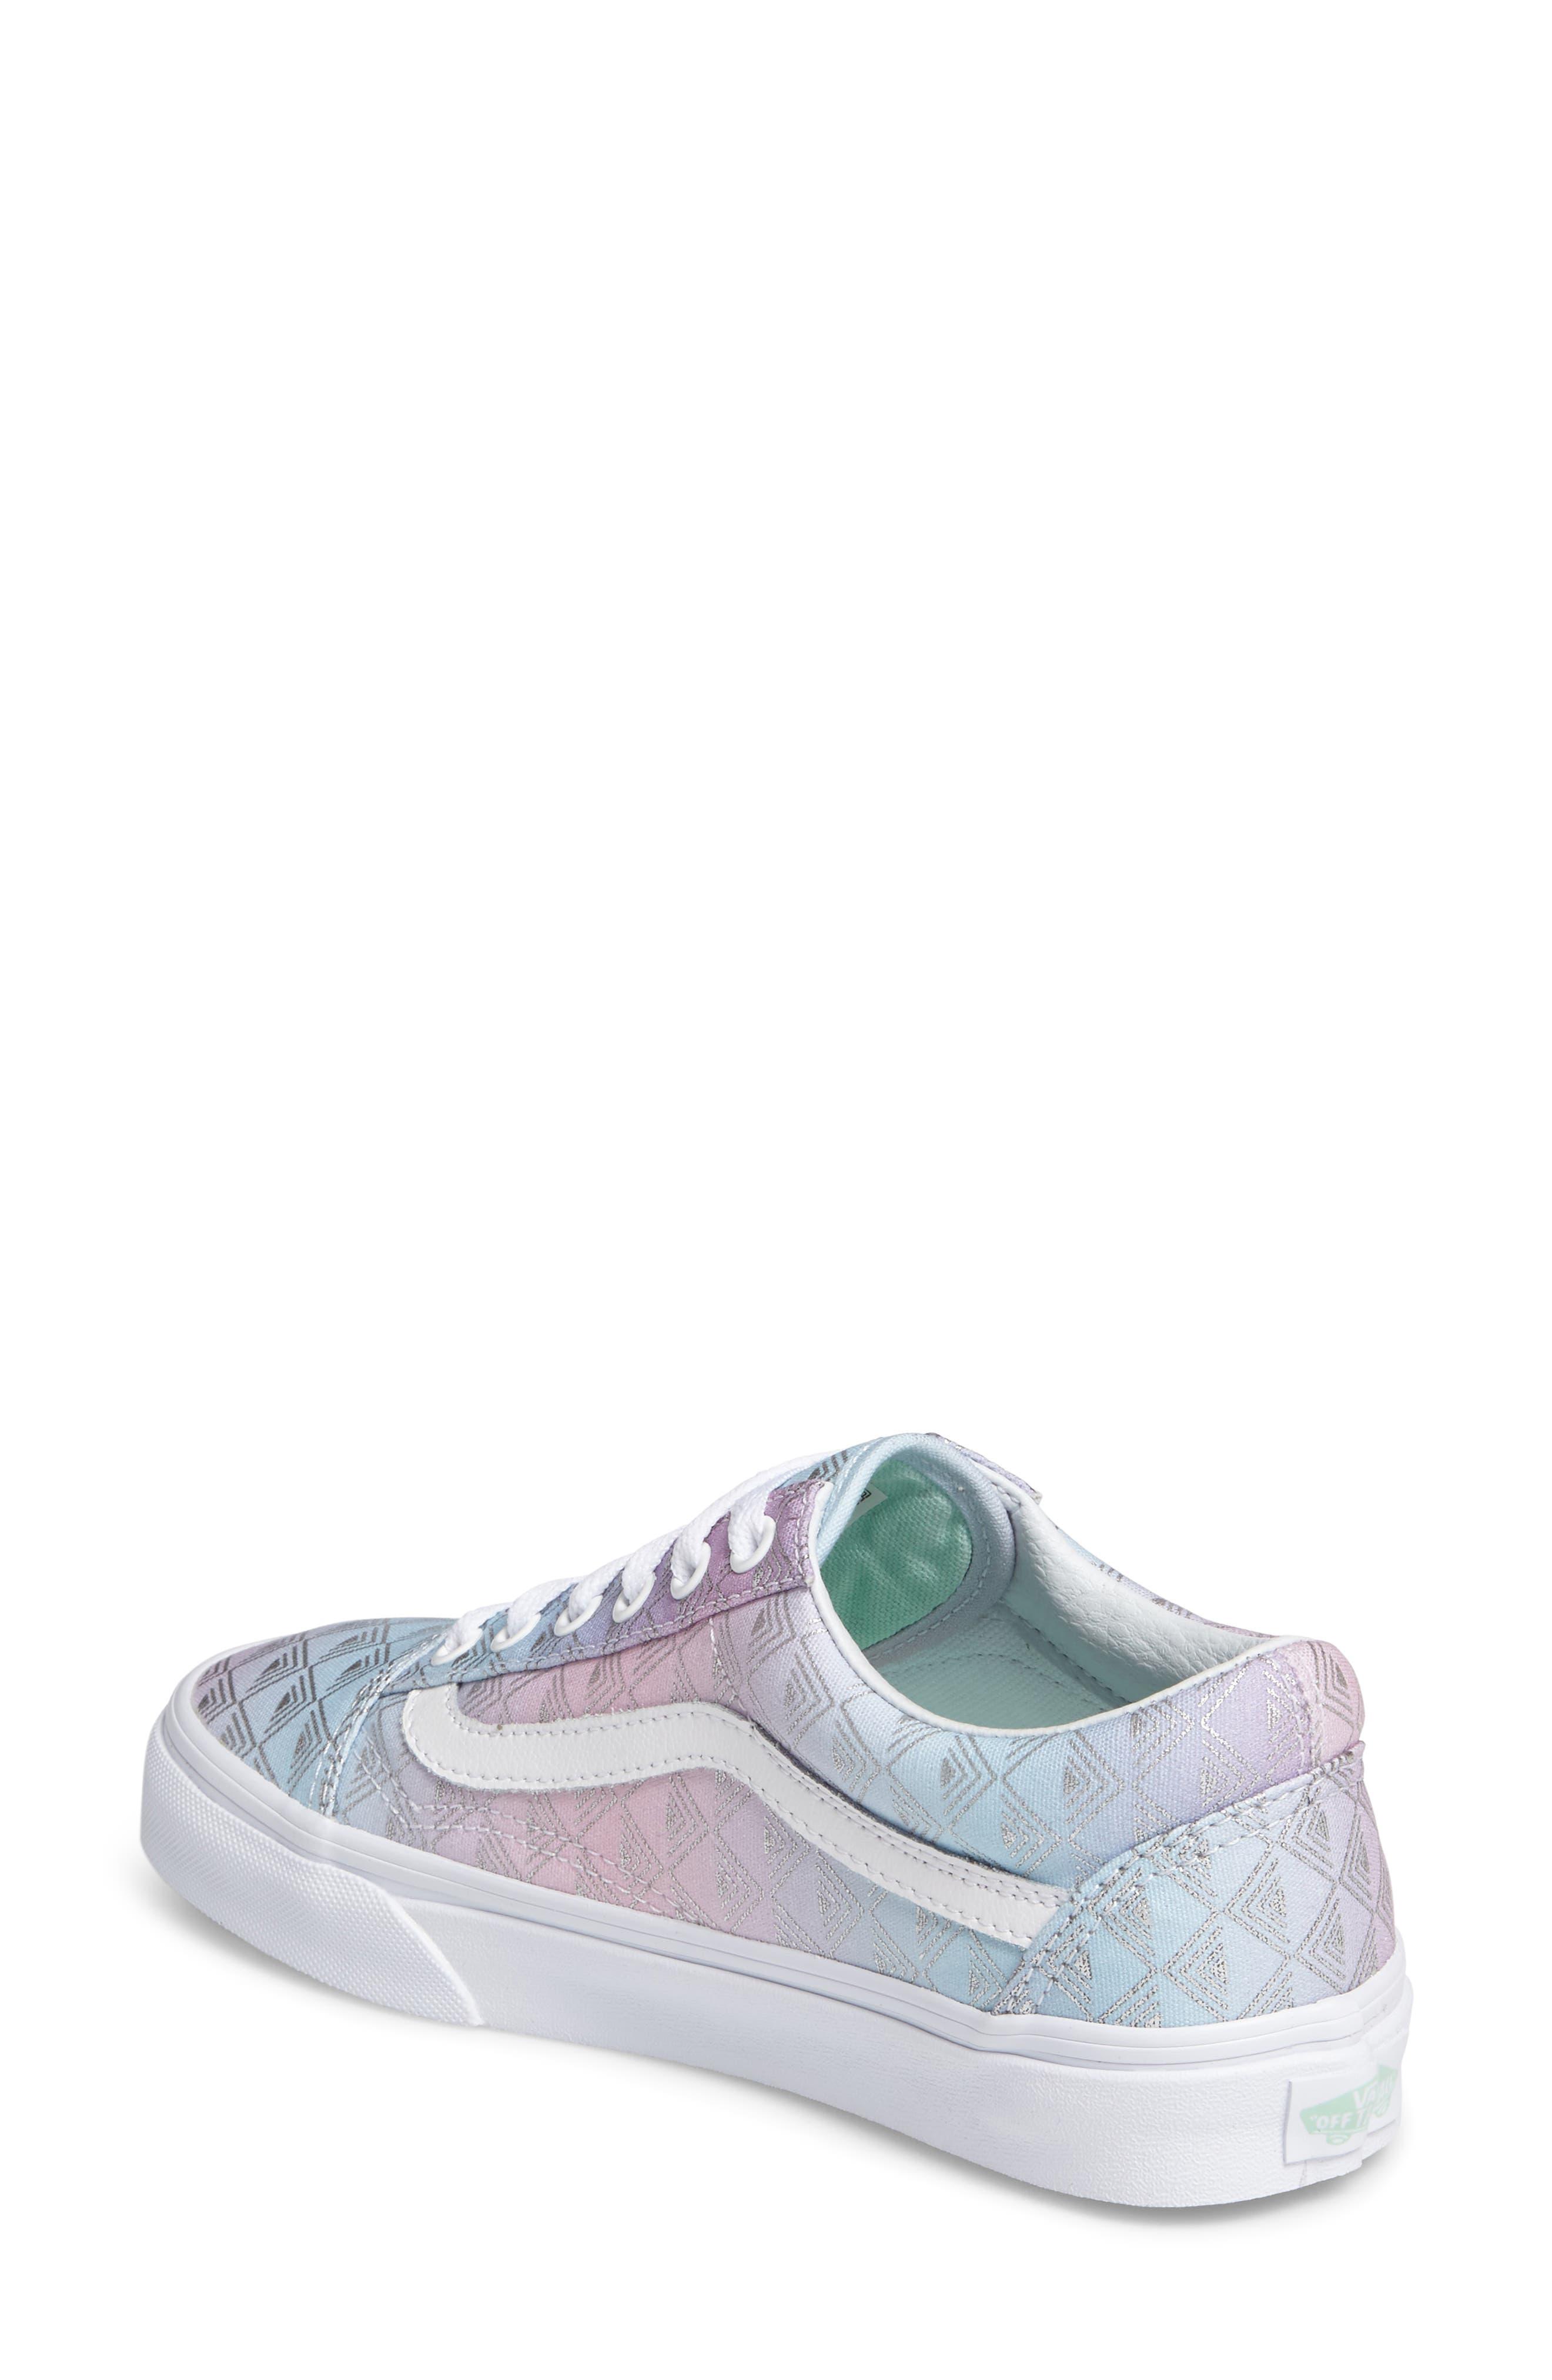 Alternate Image 2  - Vans Old Skool Sneaker (Women)